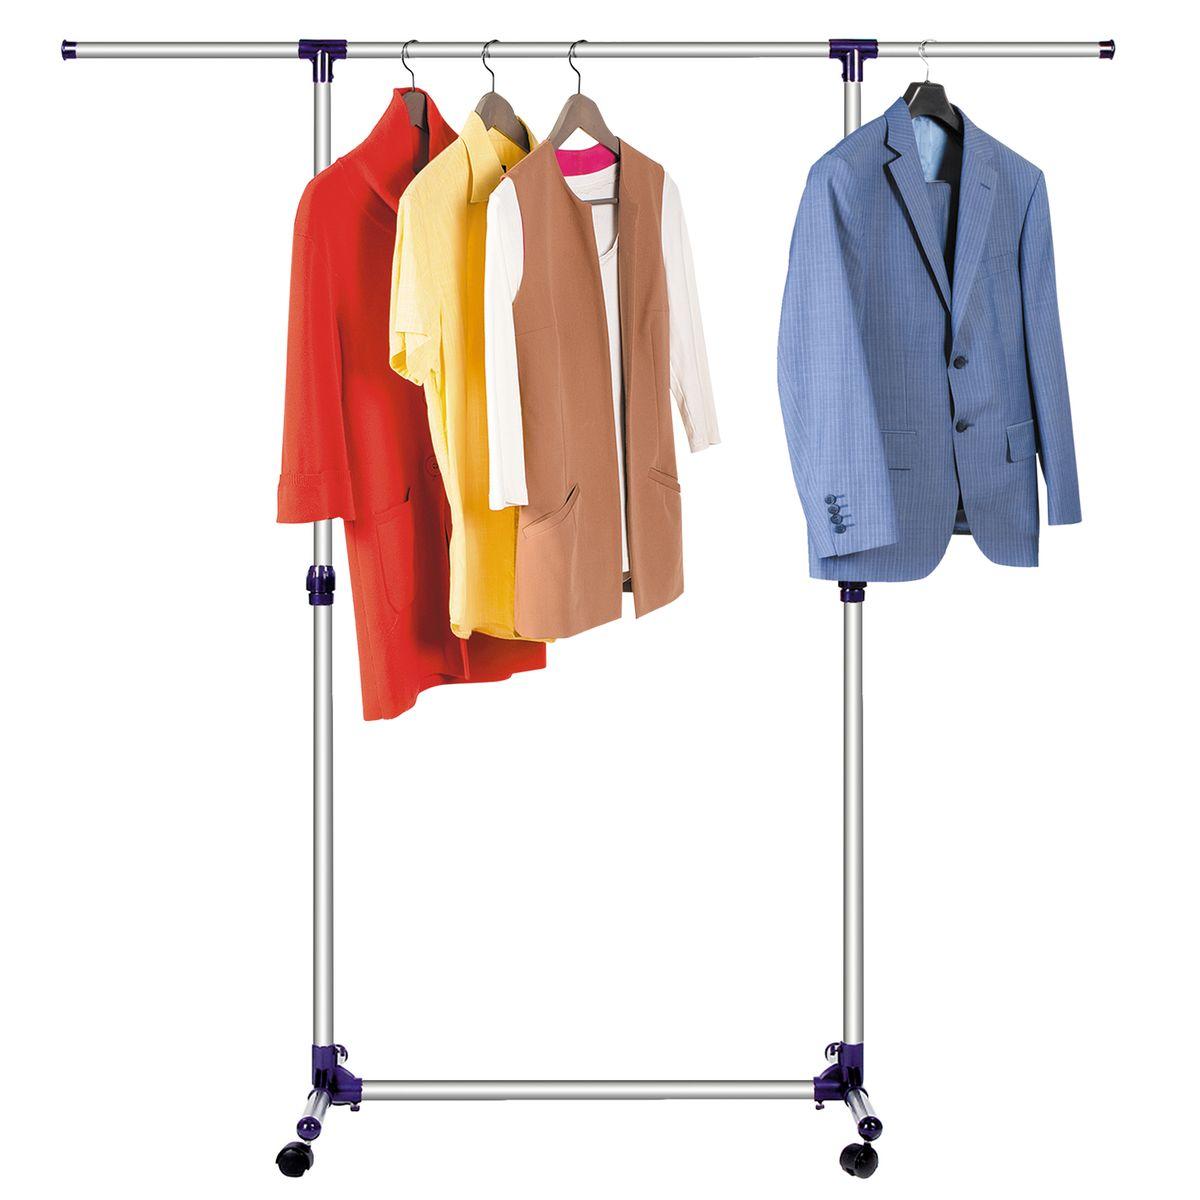 Стойка для одежды Tatkraft Hamburg, с усиленной базой, цвет: хром, черный16088Стойка для одежды Tatkraft Hamburg с усиленной базой и боковыми телескопическими штангами. Надежный внутренний замок. Колеса с фиксацией. Стойка из нержавеющей стали и ABS-пластика. Вмещает до 30 вешалок, распределенный вес по длине штанги - 30 кг. Размеры: 87–150 (Ш) x 44 (Г) x 97–160 (В) см